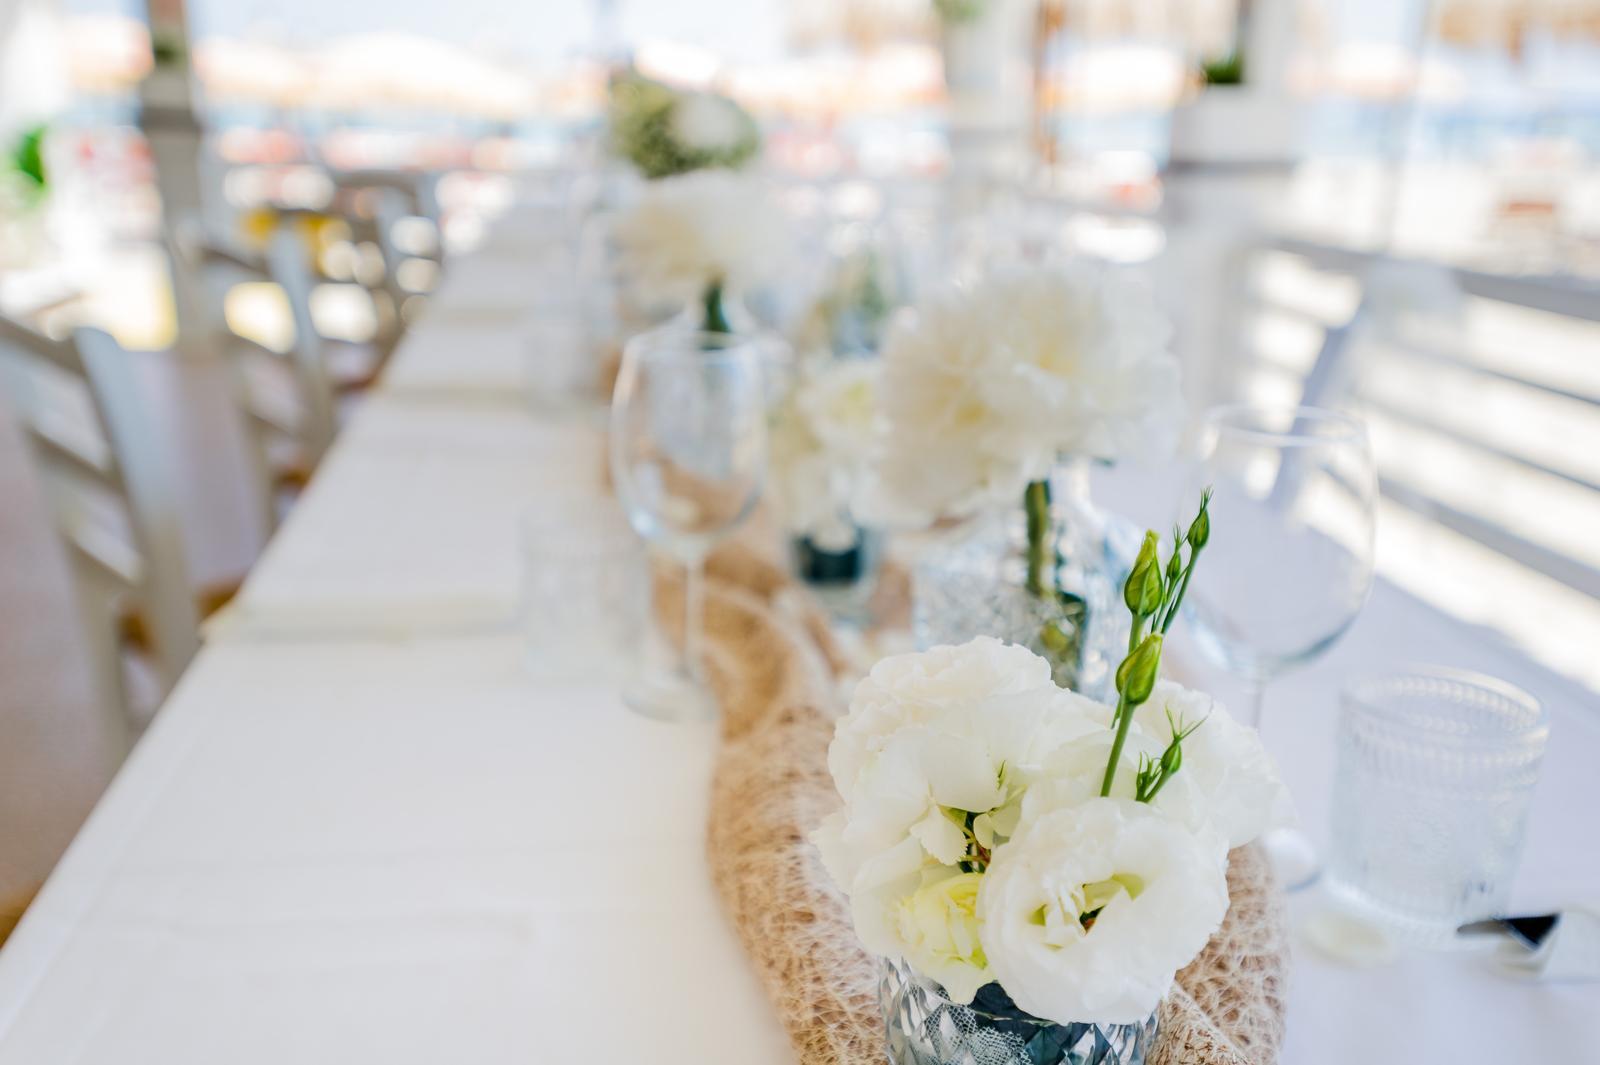 Svatby roku 2019 - Obrázek č. 11